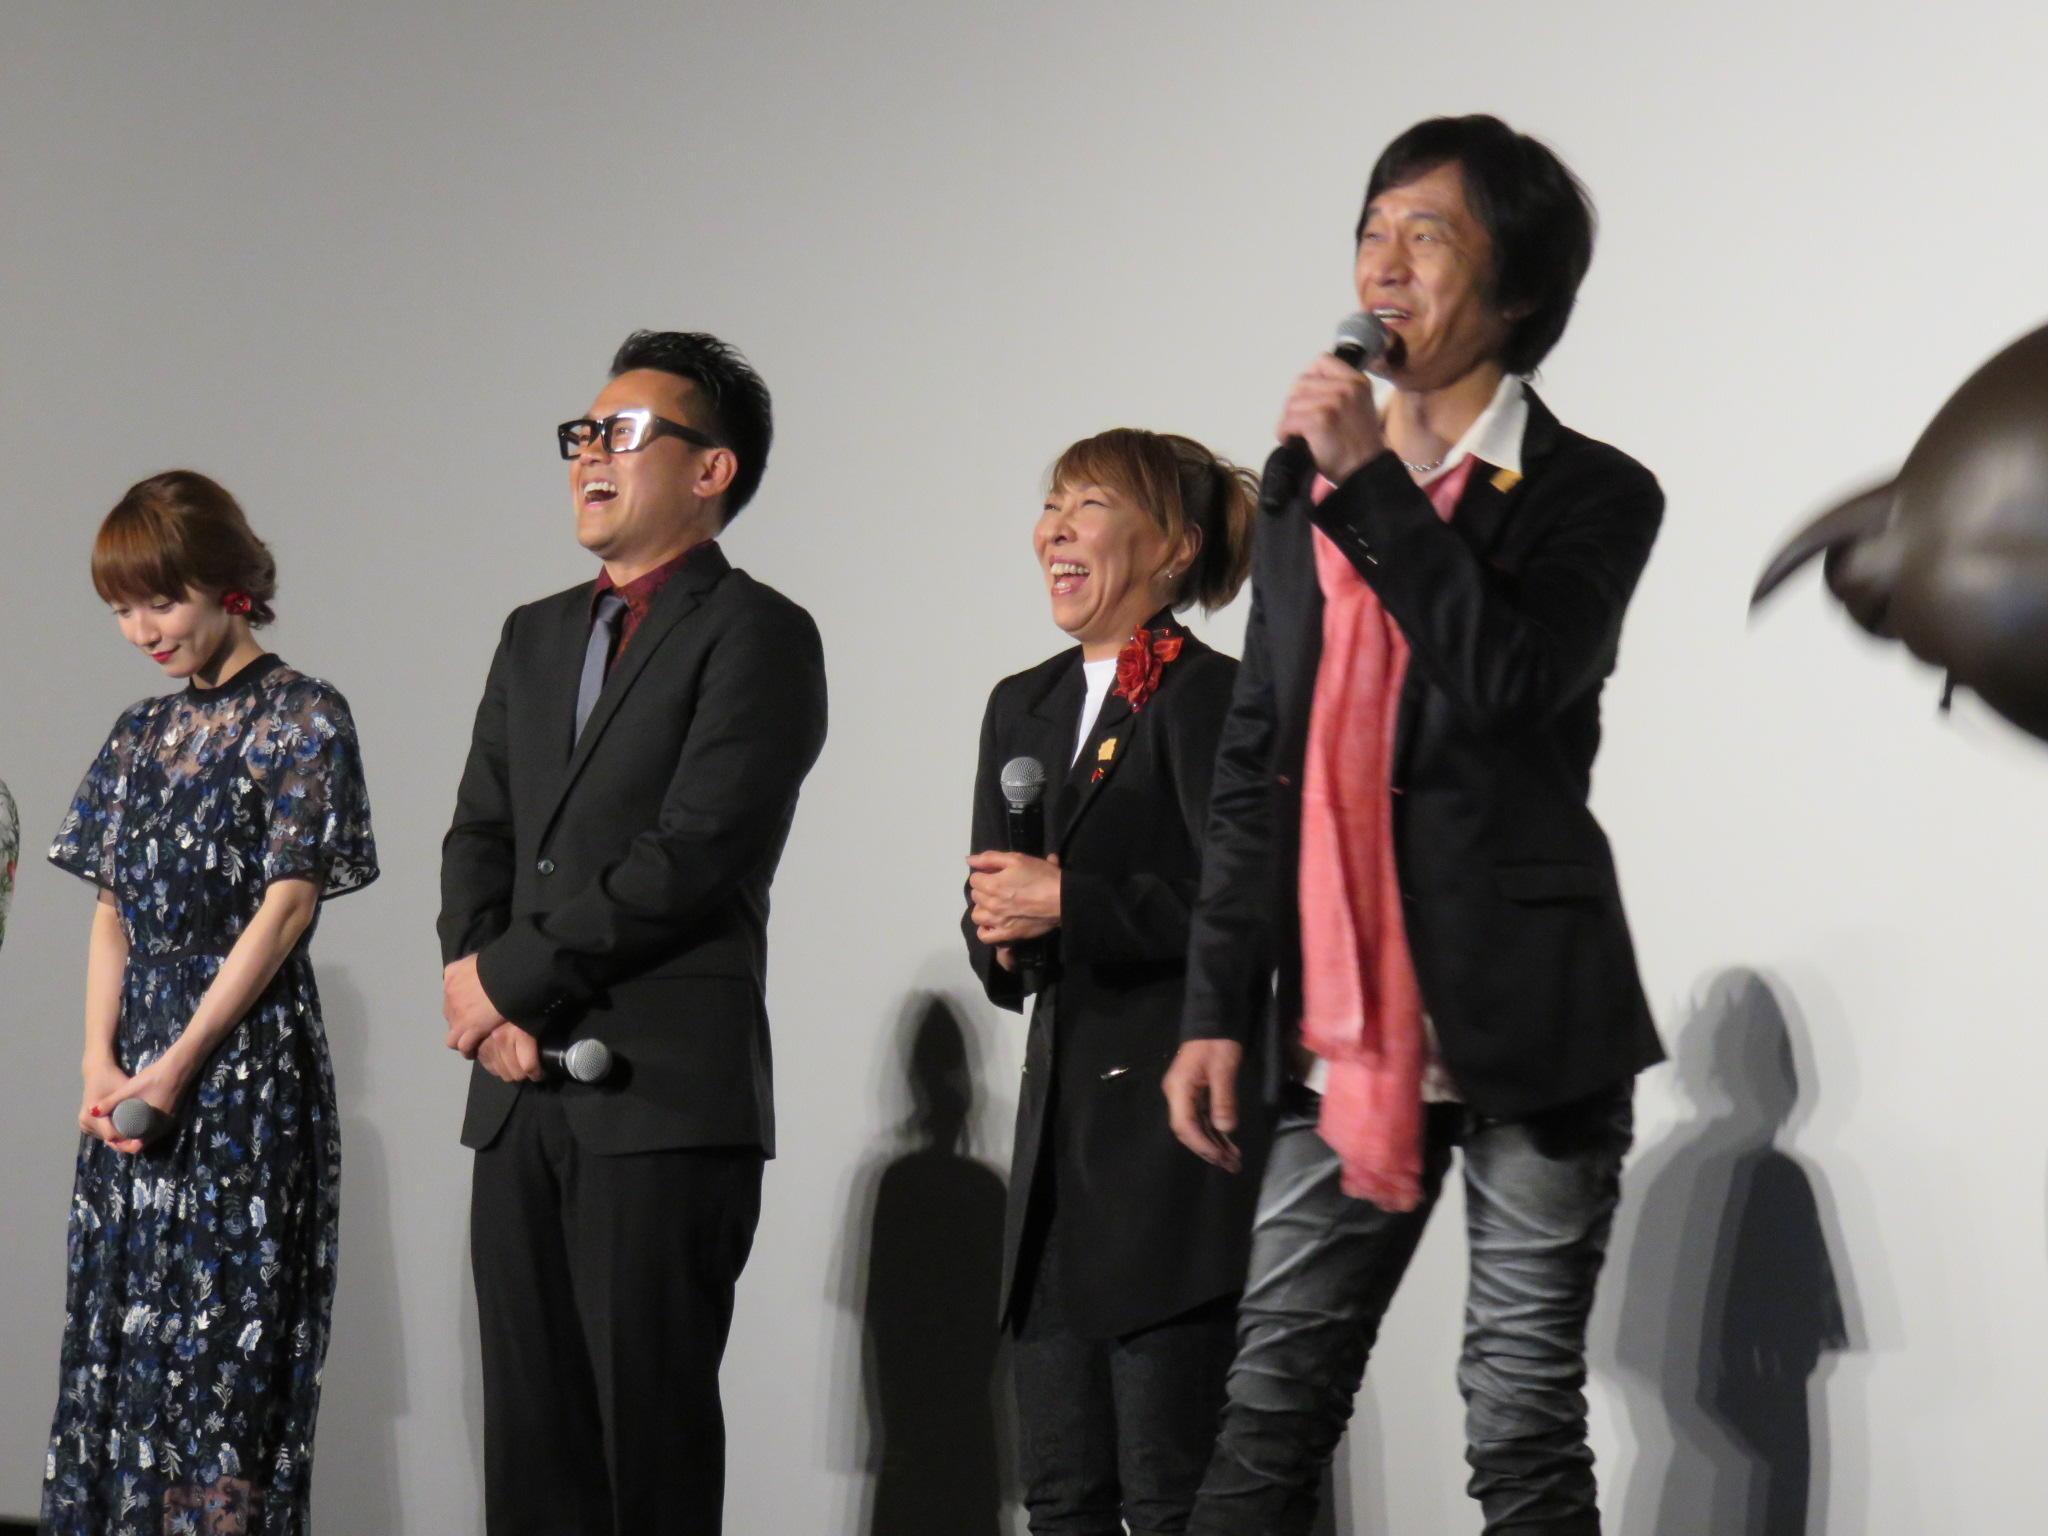 http://news.yoshimoto.co.jp/20170415182231-5da1337e4d8fa2c64ece73b7df77fde5c85cd74d.jpg